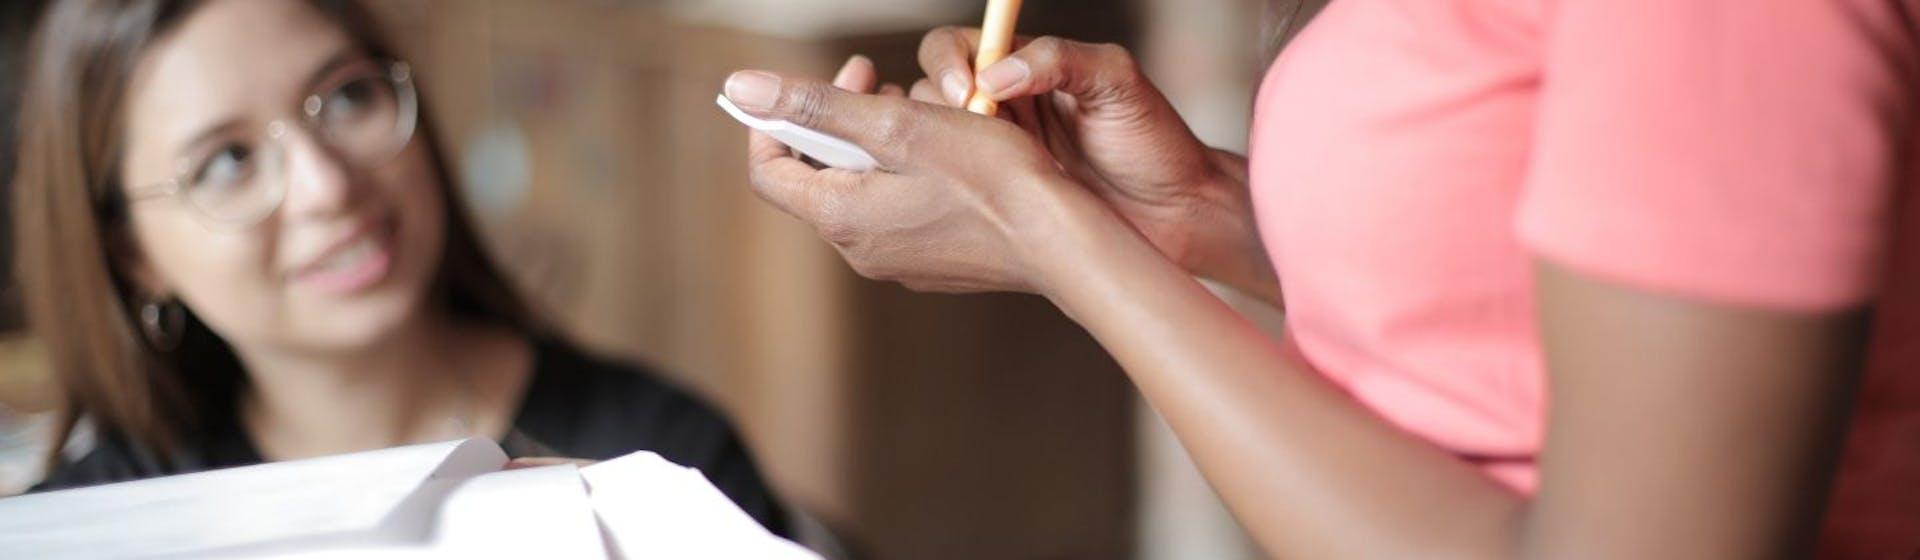 Comunicación con el cliente: ¿Cómo mejorarla en solo 5 pasos?